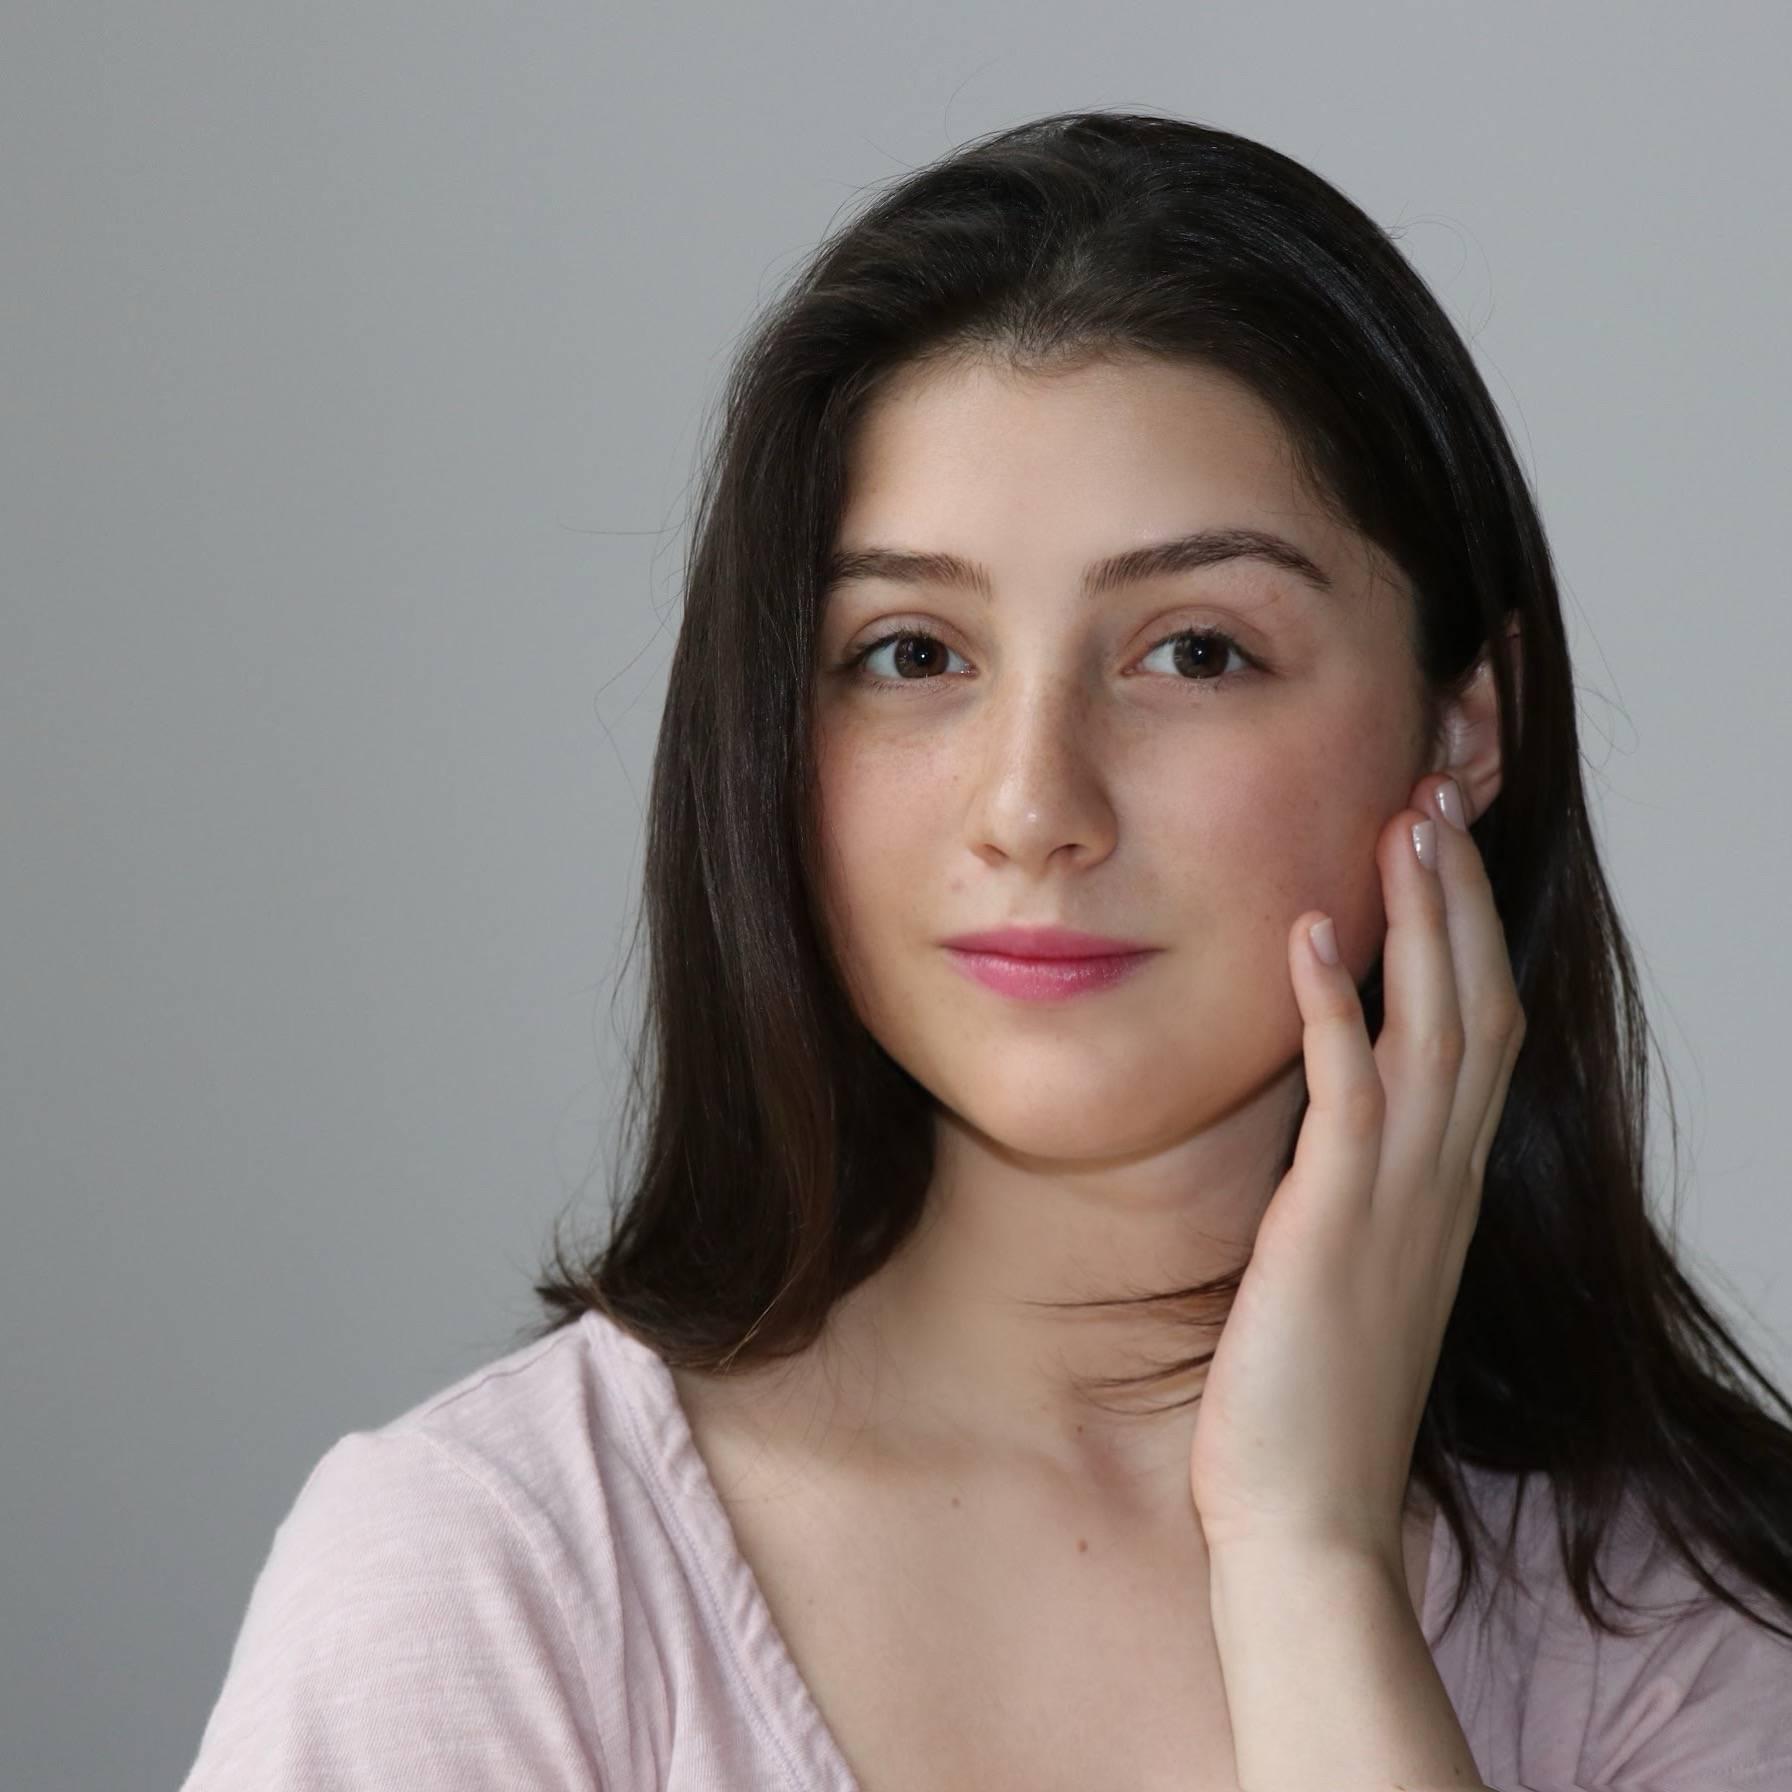 Image of the founder, Nina LaBruna